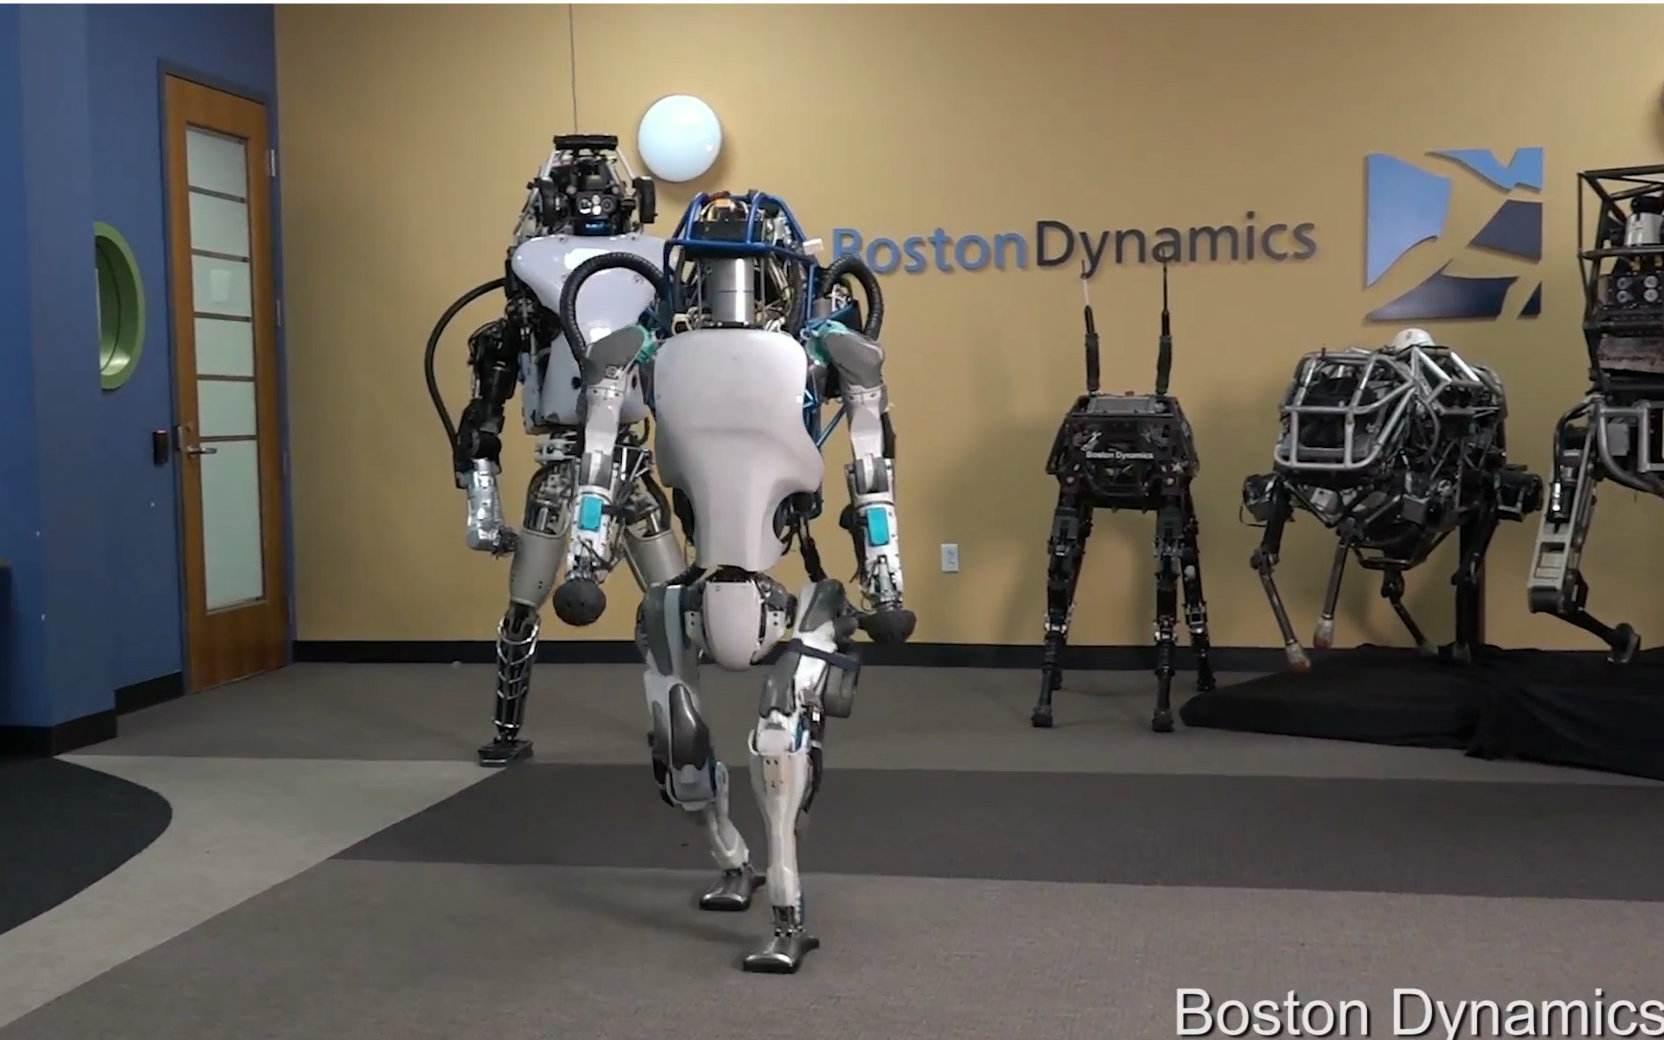 波士顿CEO马克·雷伯特:Spot机器人目前只租不卖,租金每月几千美金